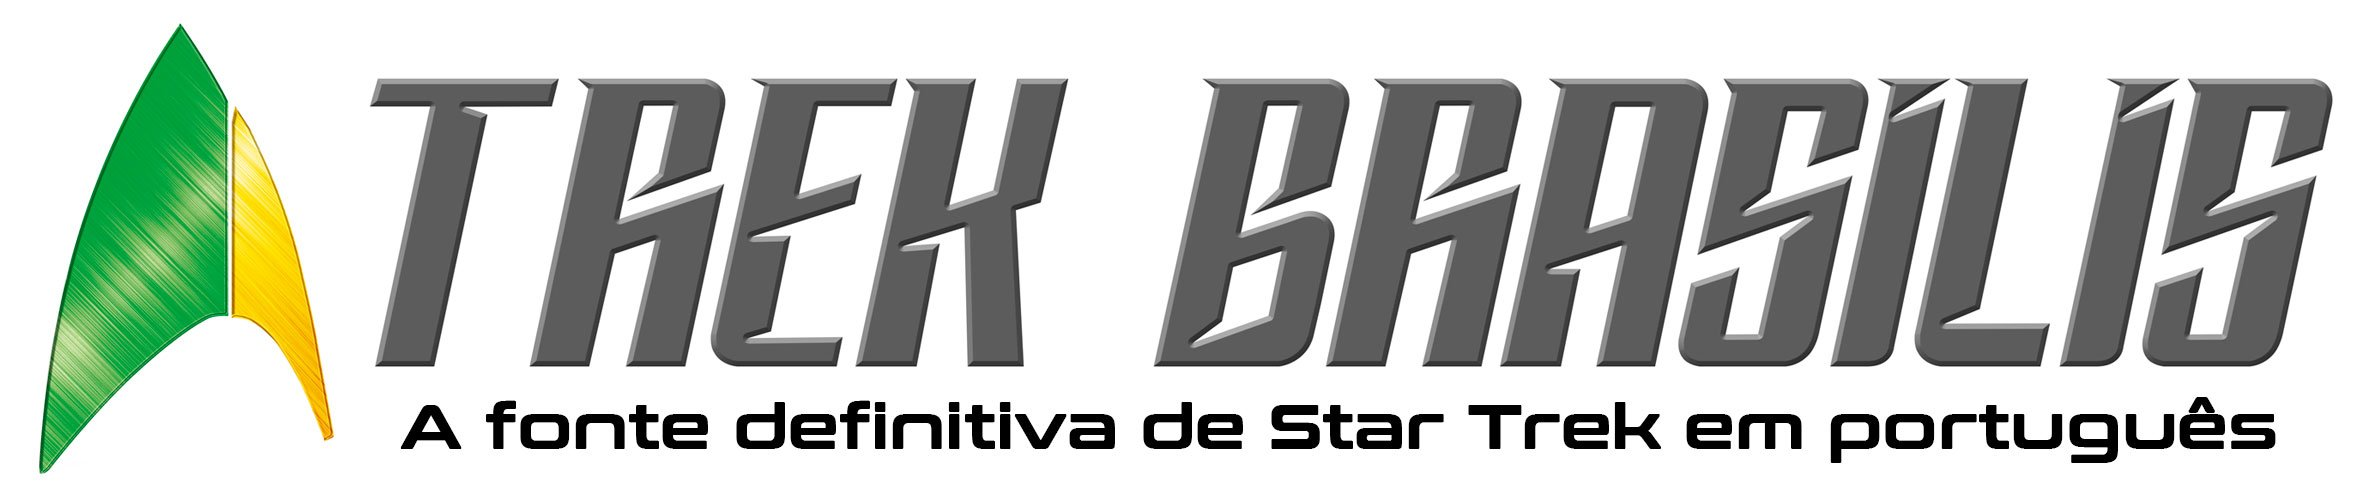 Trek Brasilis - A fonte definitiva de Star Trek (Jornada nas Estrelas) em português